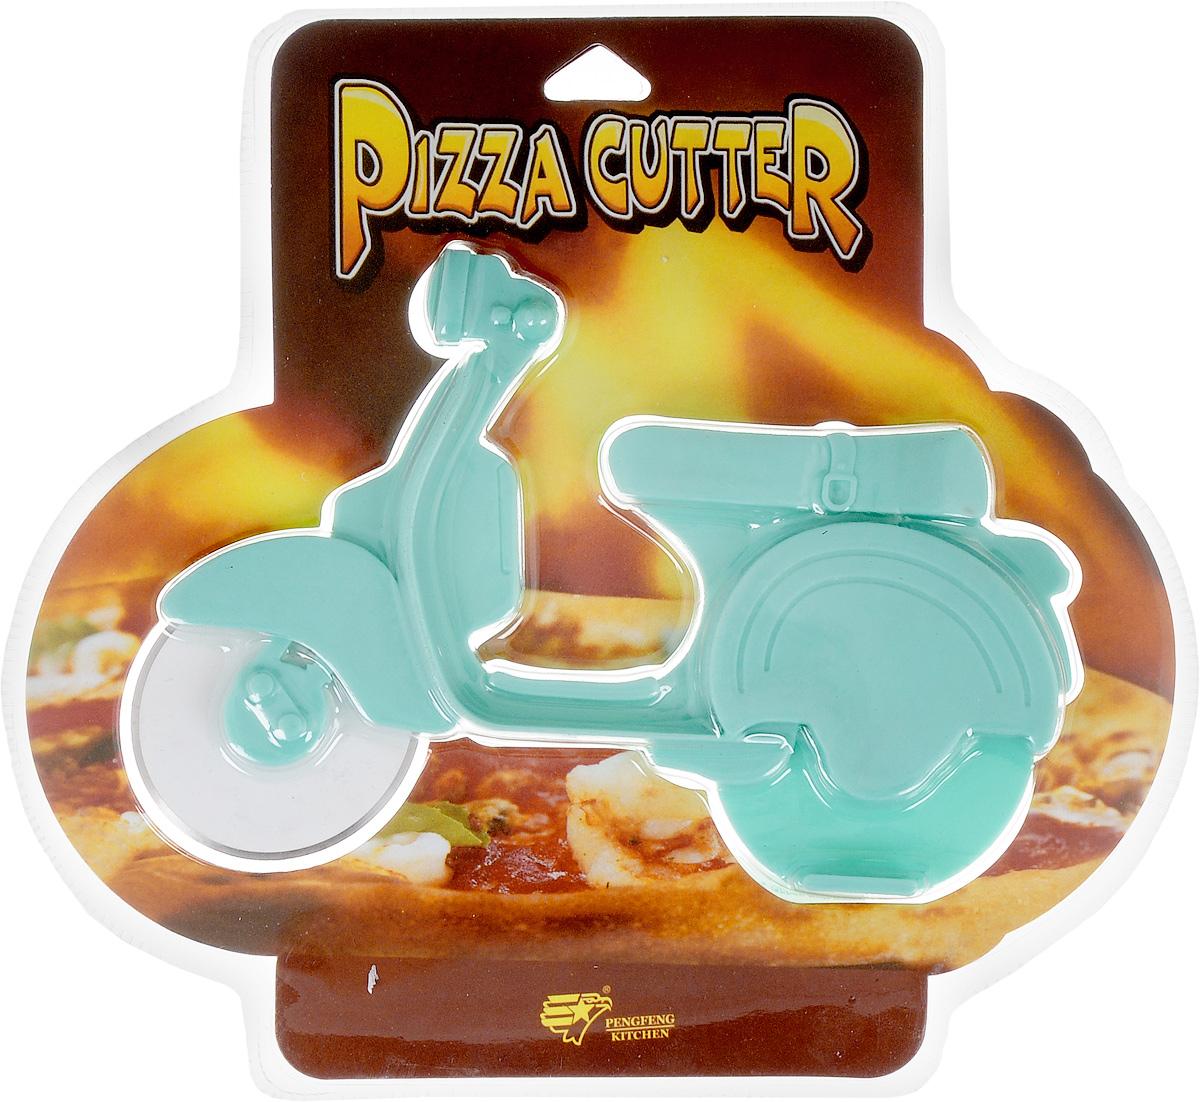 Нож для пиццы Empire of dishes Мопед, цвет: голубойIM99-4715/1Корпус ножа для пиццы Empire of dishes Мопед выполнен из пищевого пластика, лезвие, выполняющее функцию колеса, из высококачественной стали. Использование этого приспособления позволит равномерно и аккуратно разрезать пиццу на кусочки.Диаметр лезвия: 5,3 см.Общий размер ножа: 17 х 11 х 2 см.